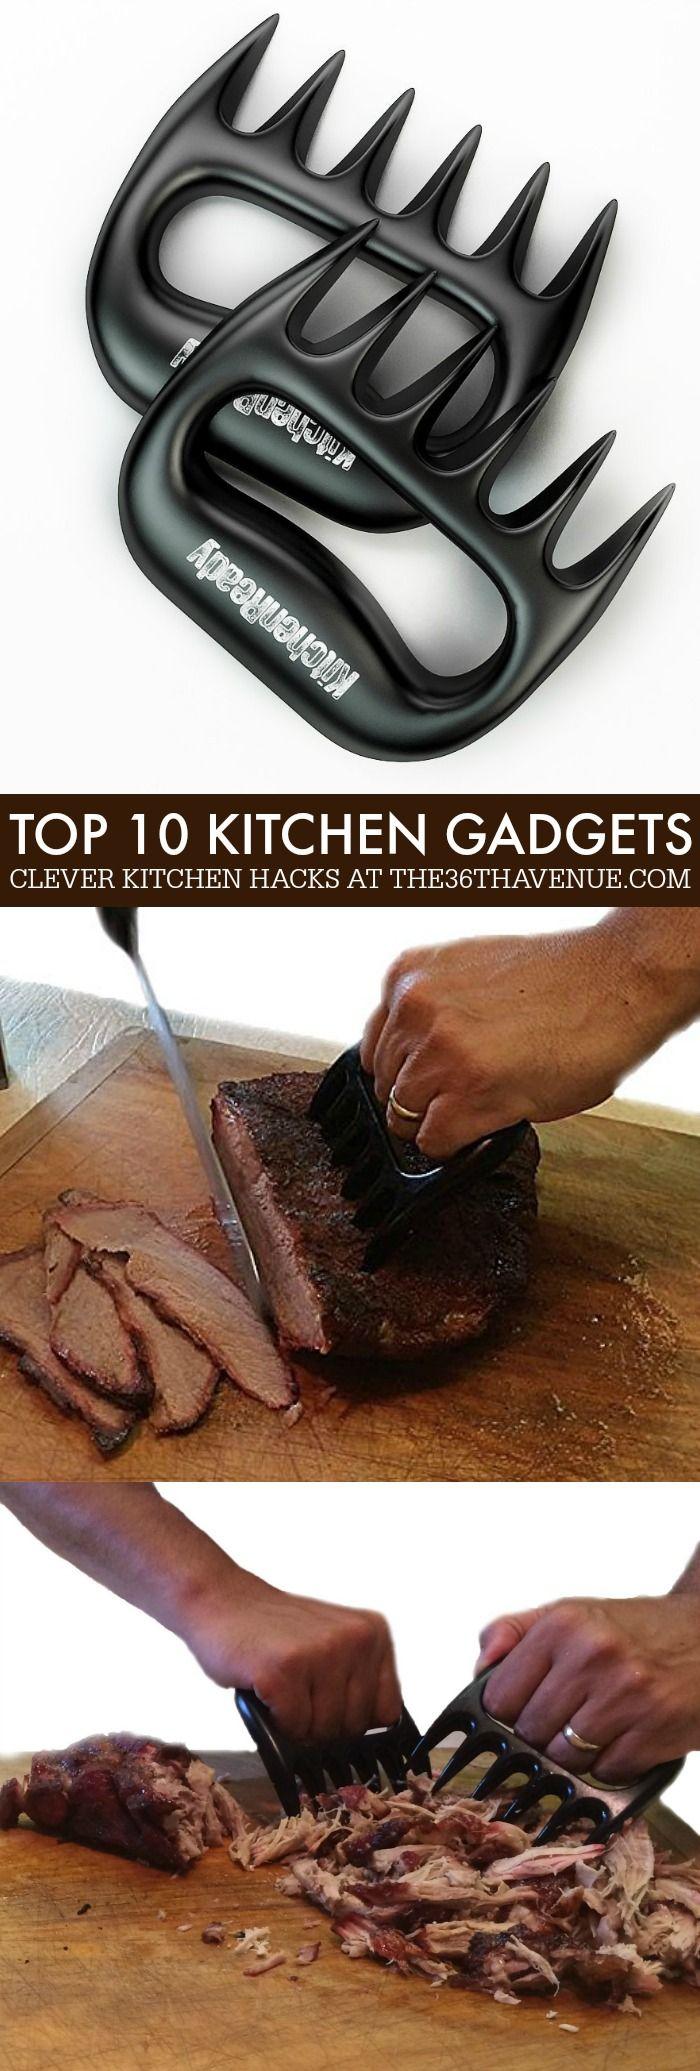 Gadget da cucina - 10 gadget intelligenti che renderanno la vita più facile!  Vedi tutti in the36thavenue.com #kitchen